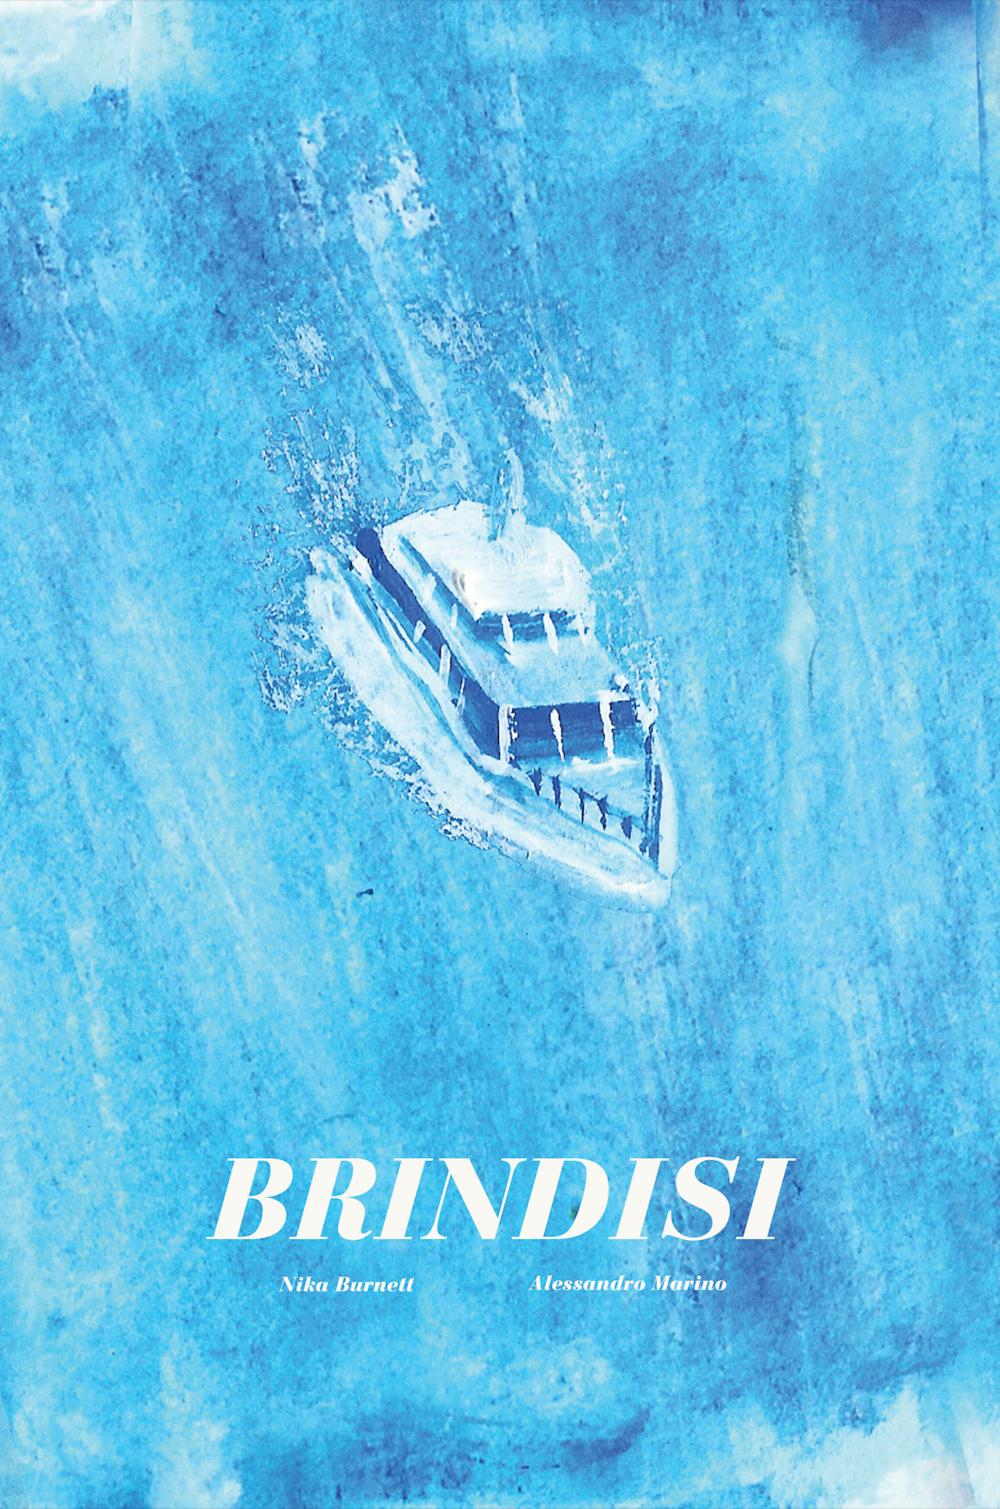 brindisi barca poster.png